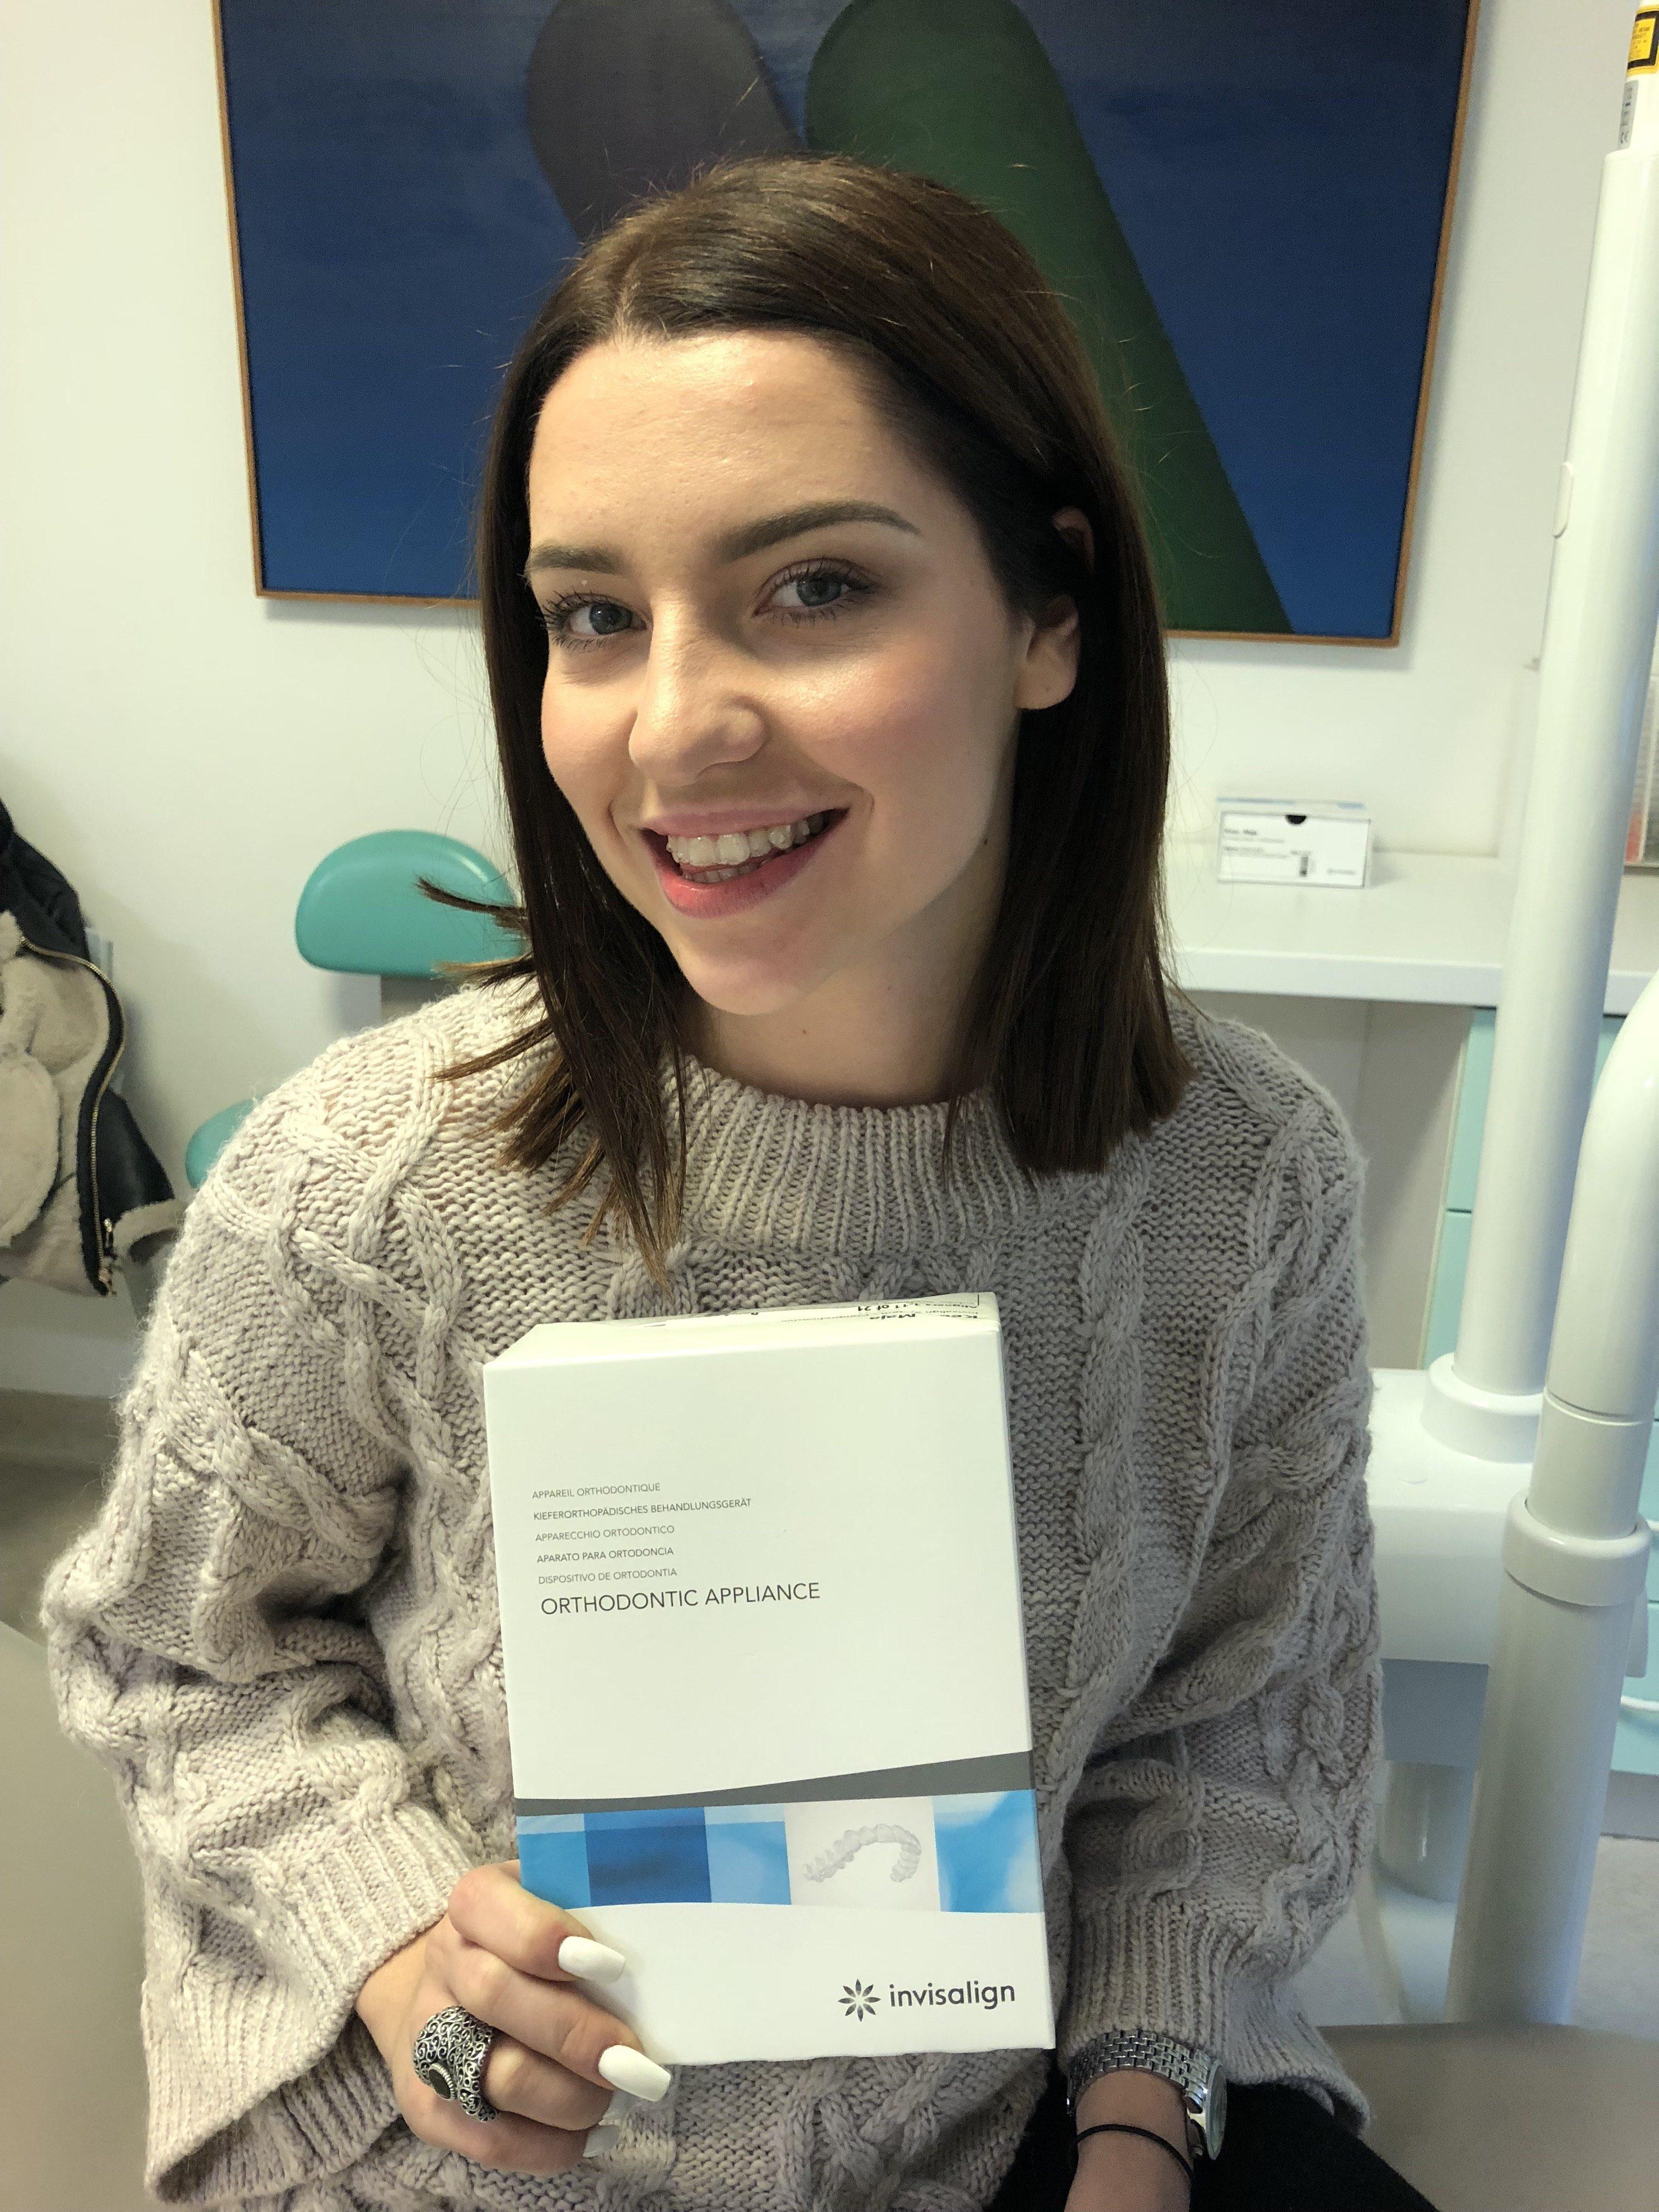 Maja Keuc ob postavitvi Invisalign zobnega aparata.